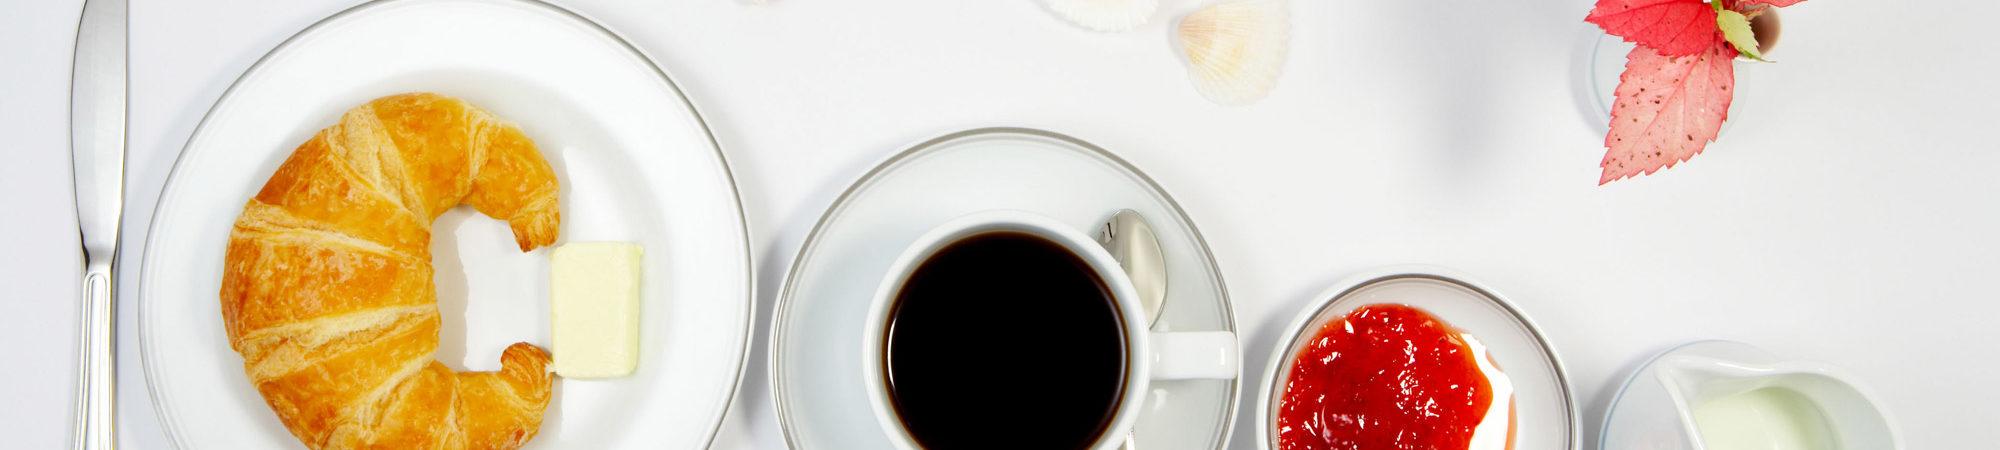 colazione_collage